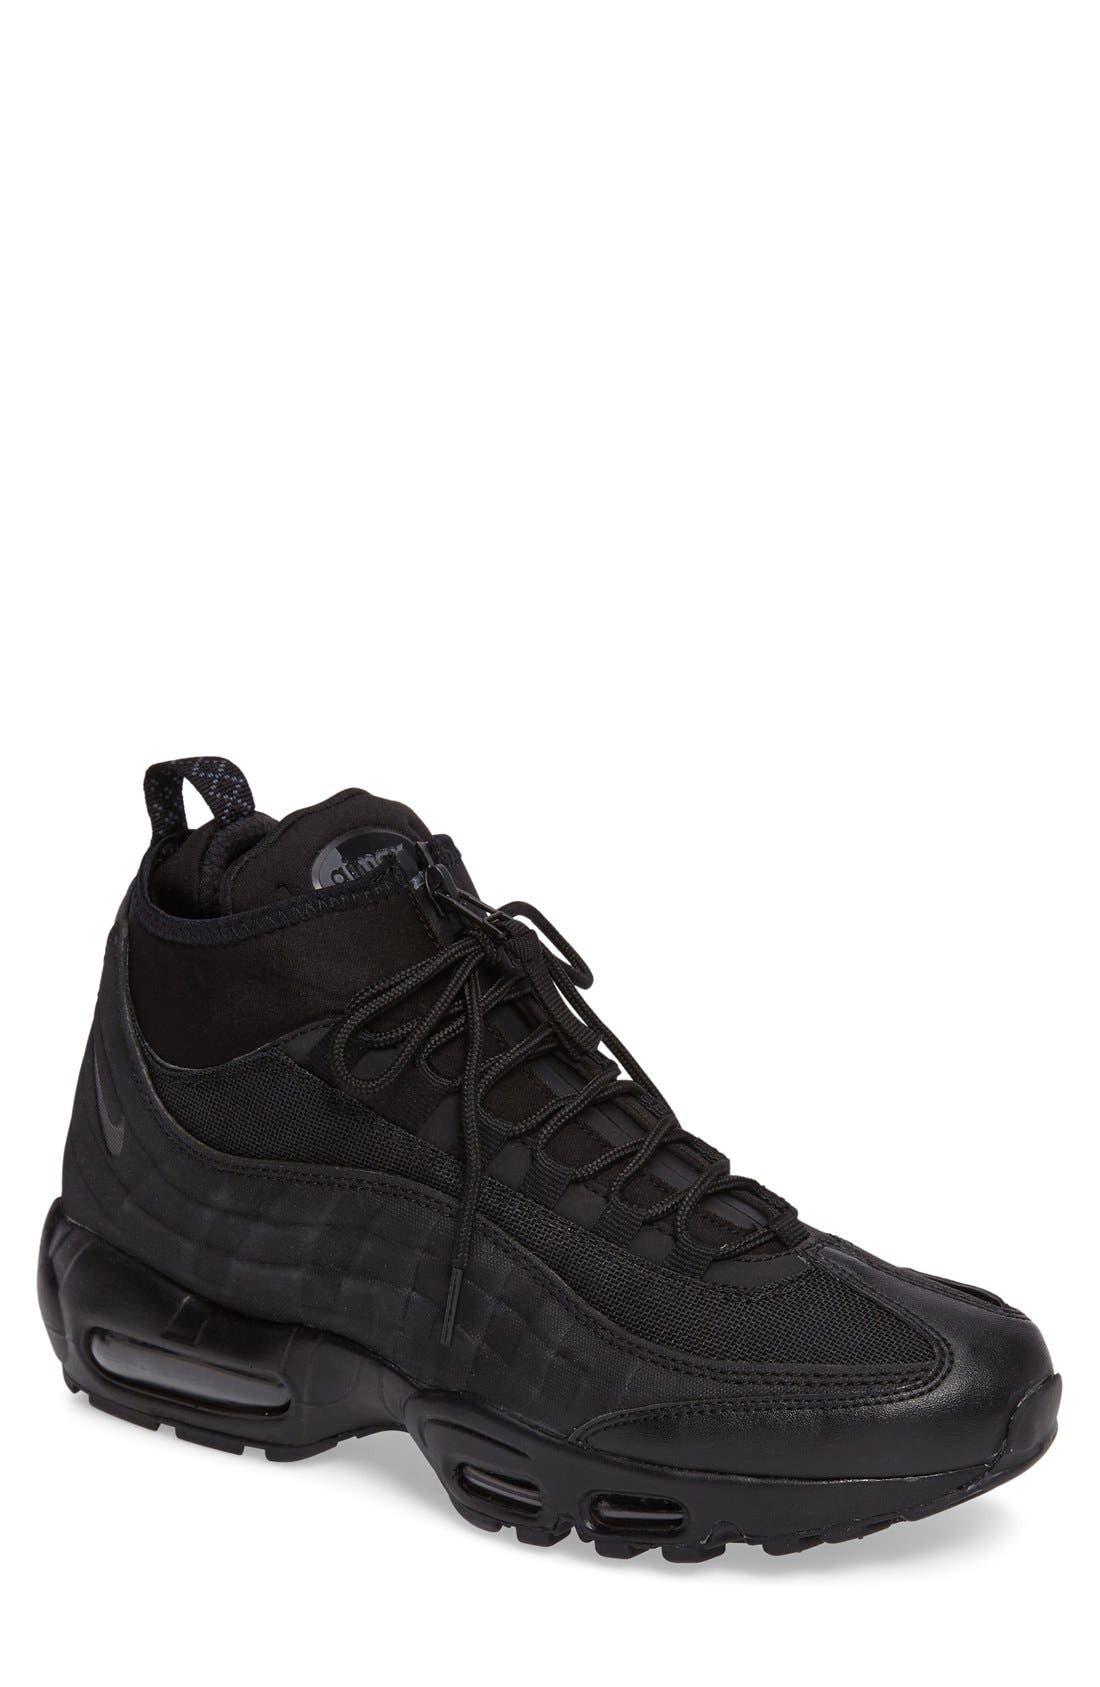 Alternate Image 1 Selected - Nike Air Max 95 Water-Resistant Sneaker Boot (Men)